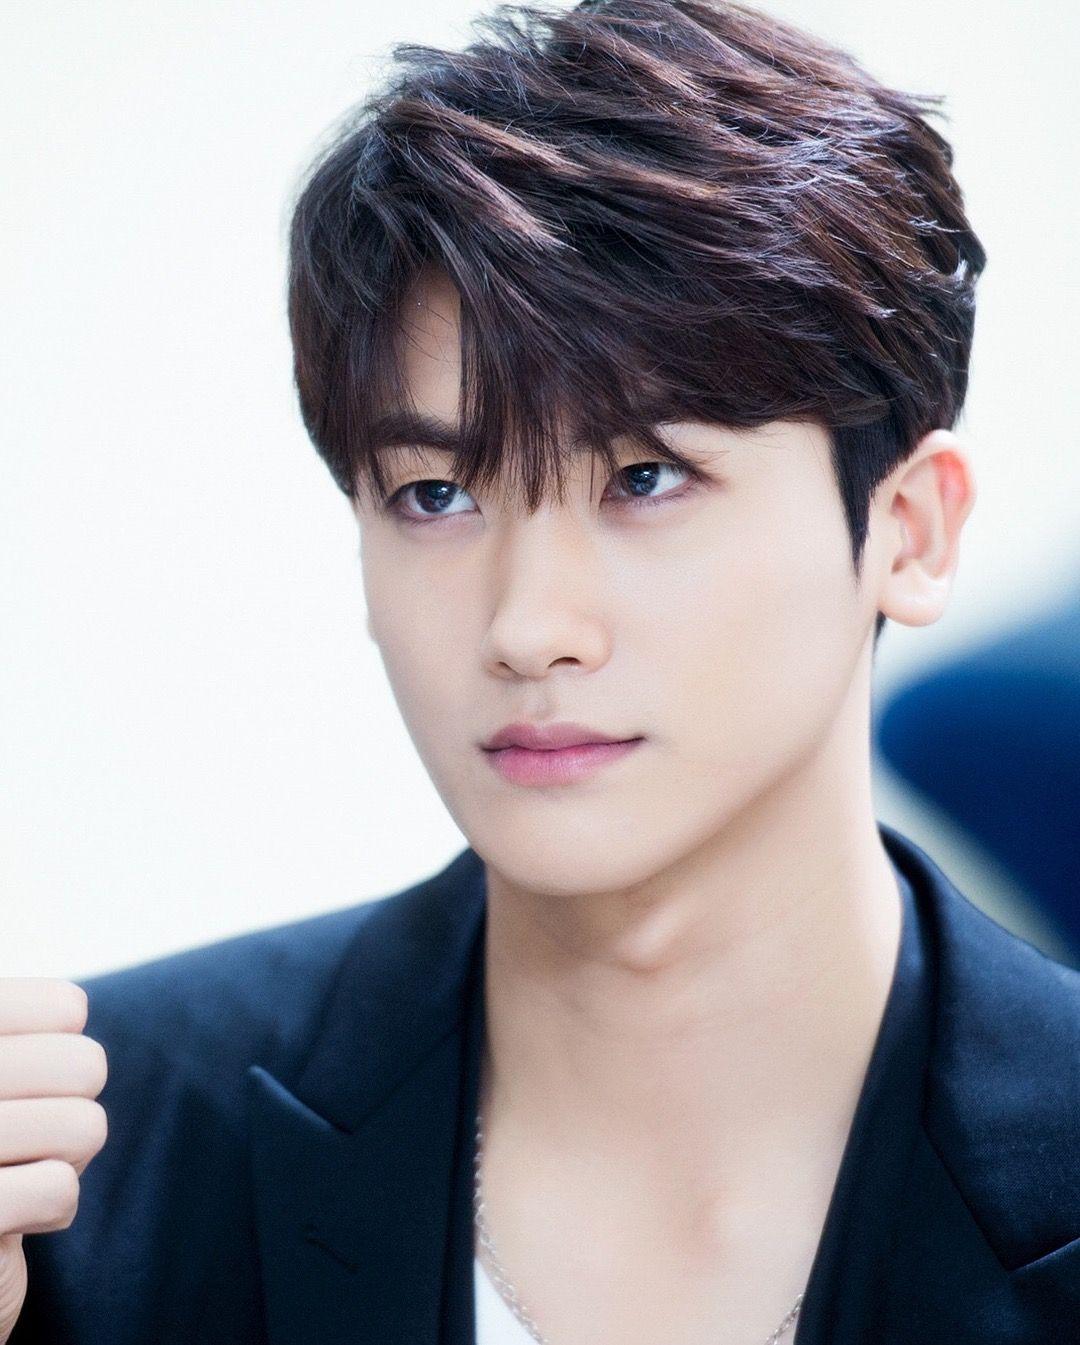 Park Hyung Sik   Park hyung shik, Park hyung sik, Hyung sik